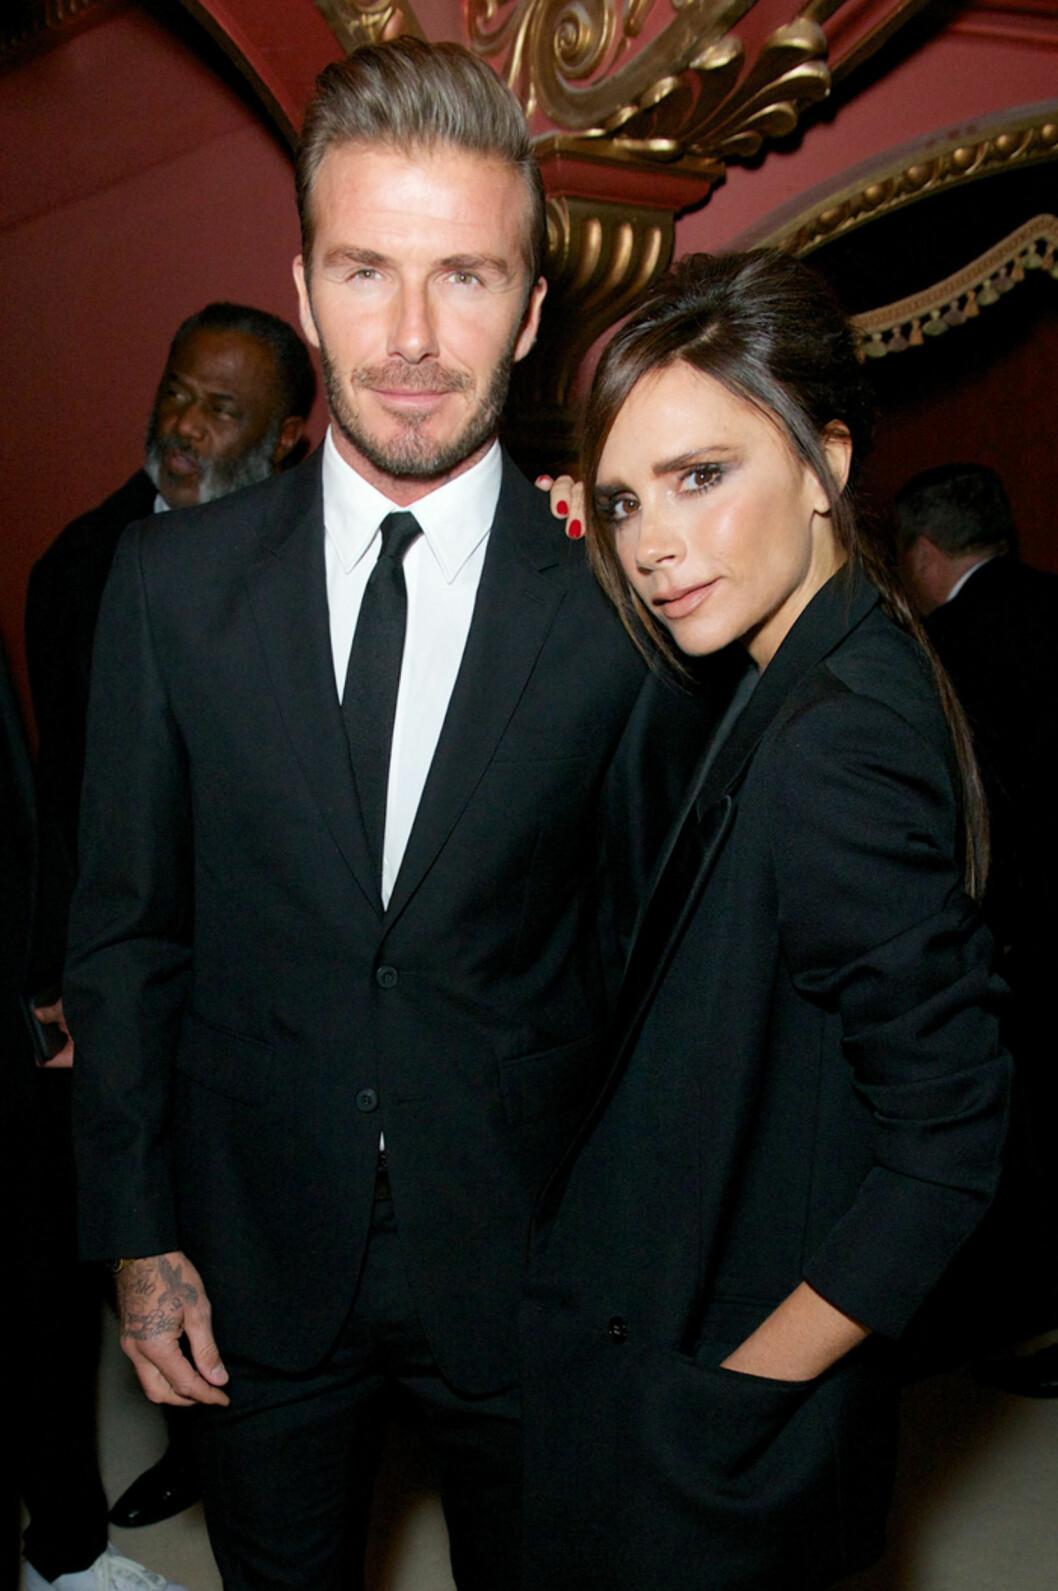 STOLTE FORELDRE: Stjerneparet David Beckham og Victoria Beckham har all grunn til å være stolt av sine barn. I tillegg til Brooklyn og Romeo har de sønnen Cruz og datteren Harper. Foto: Rex Features